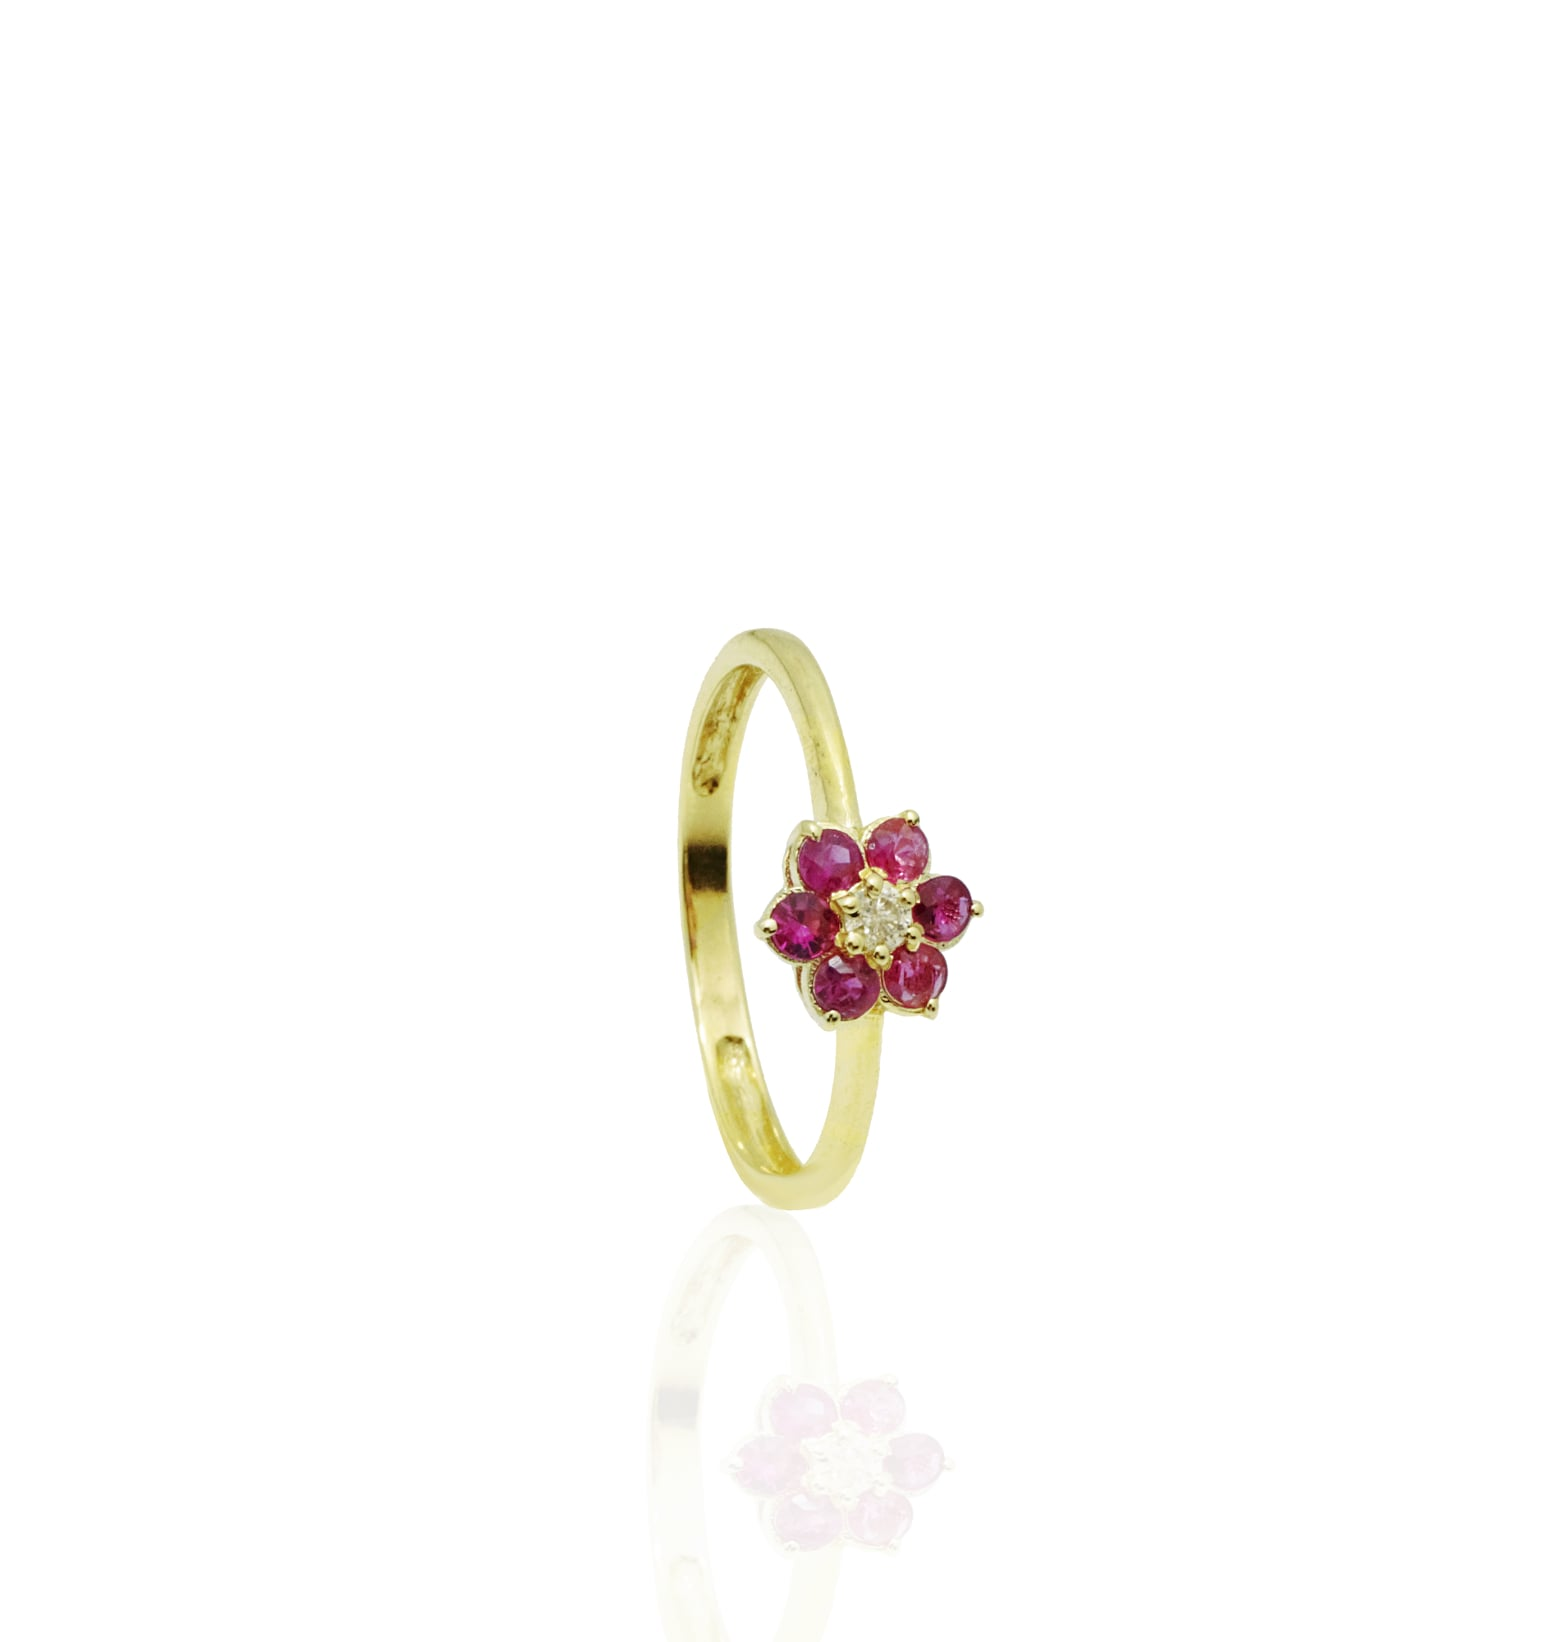 טבעת בסגנון פרח רובי ויהלומים 0.50 קראט עשויה בזהב 14 קאראט